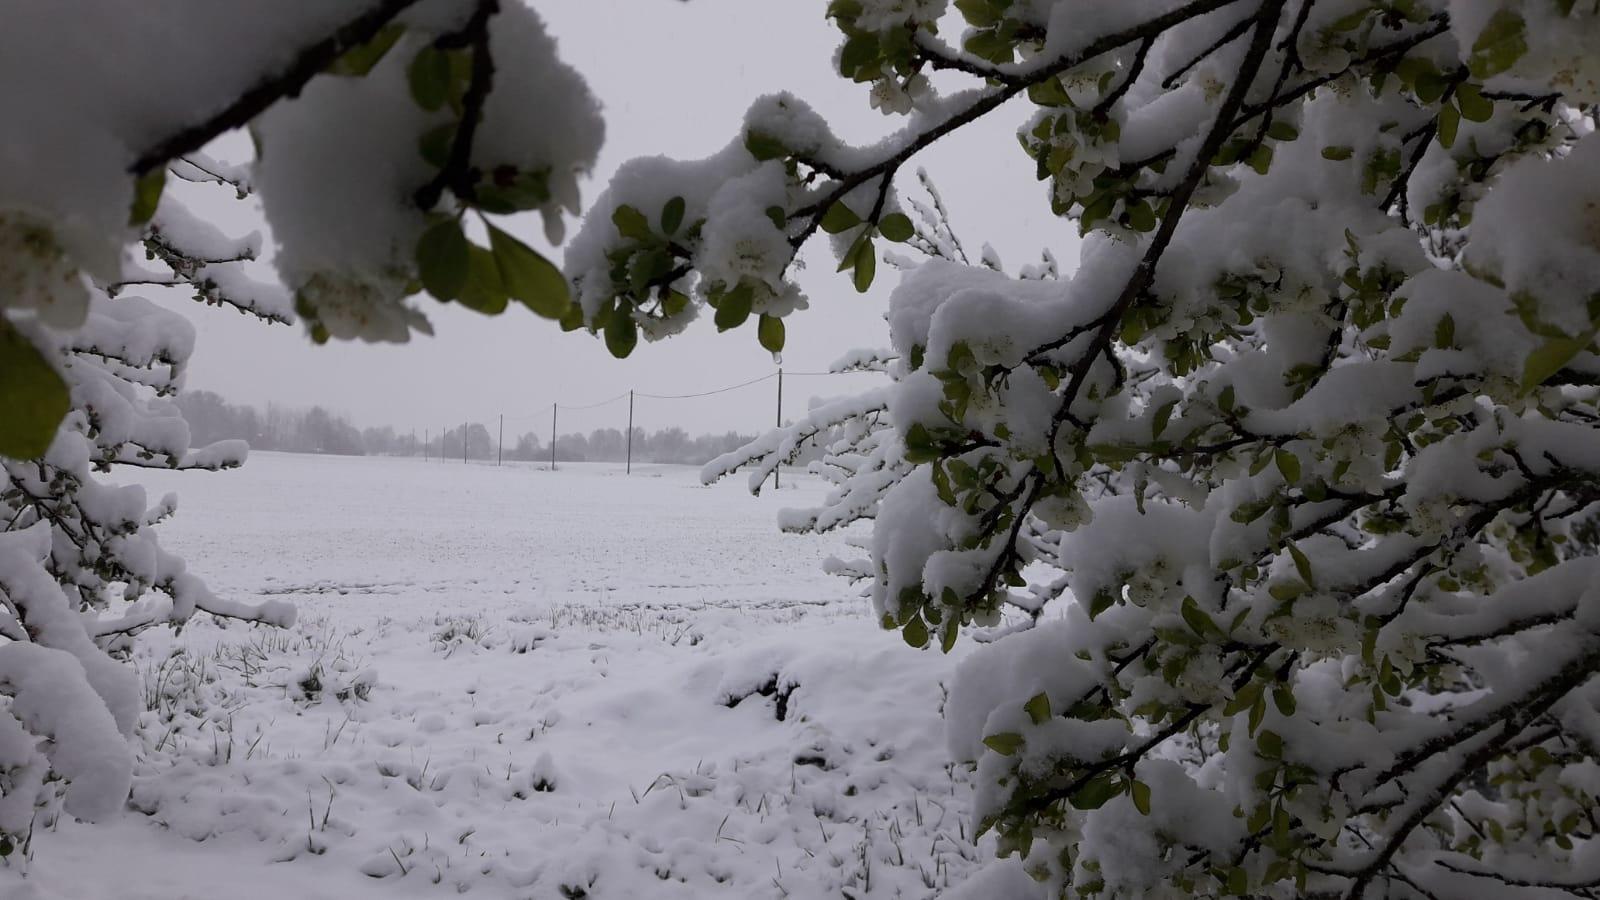 Sniegs klāj lauku un koka zaru ar zaļām lapām